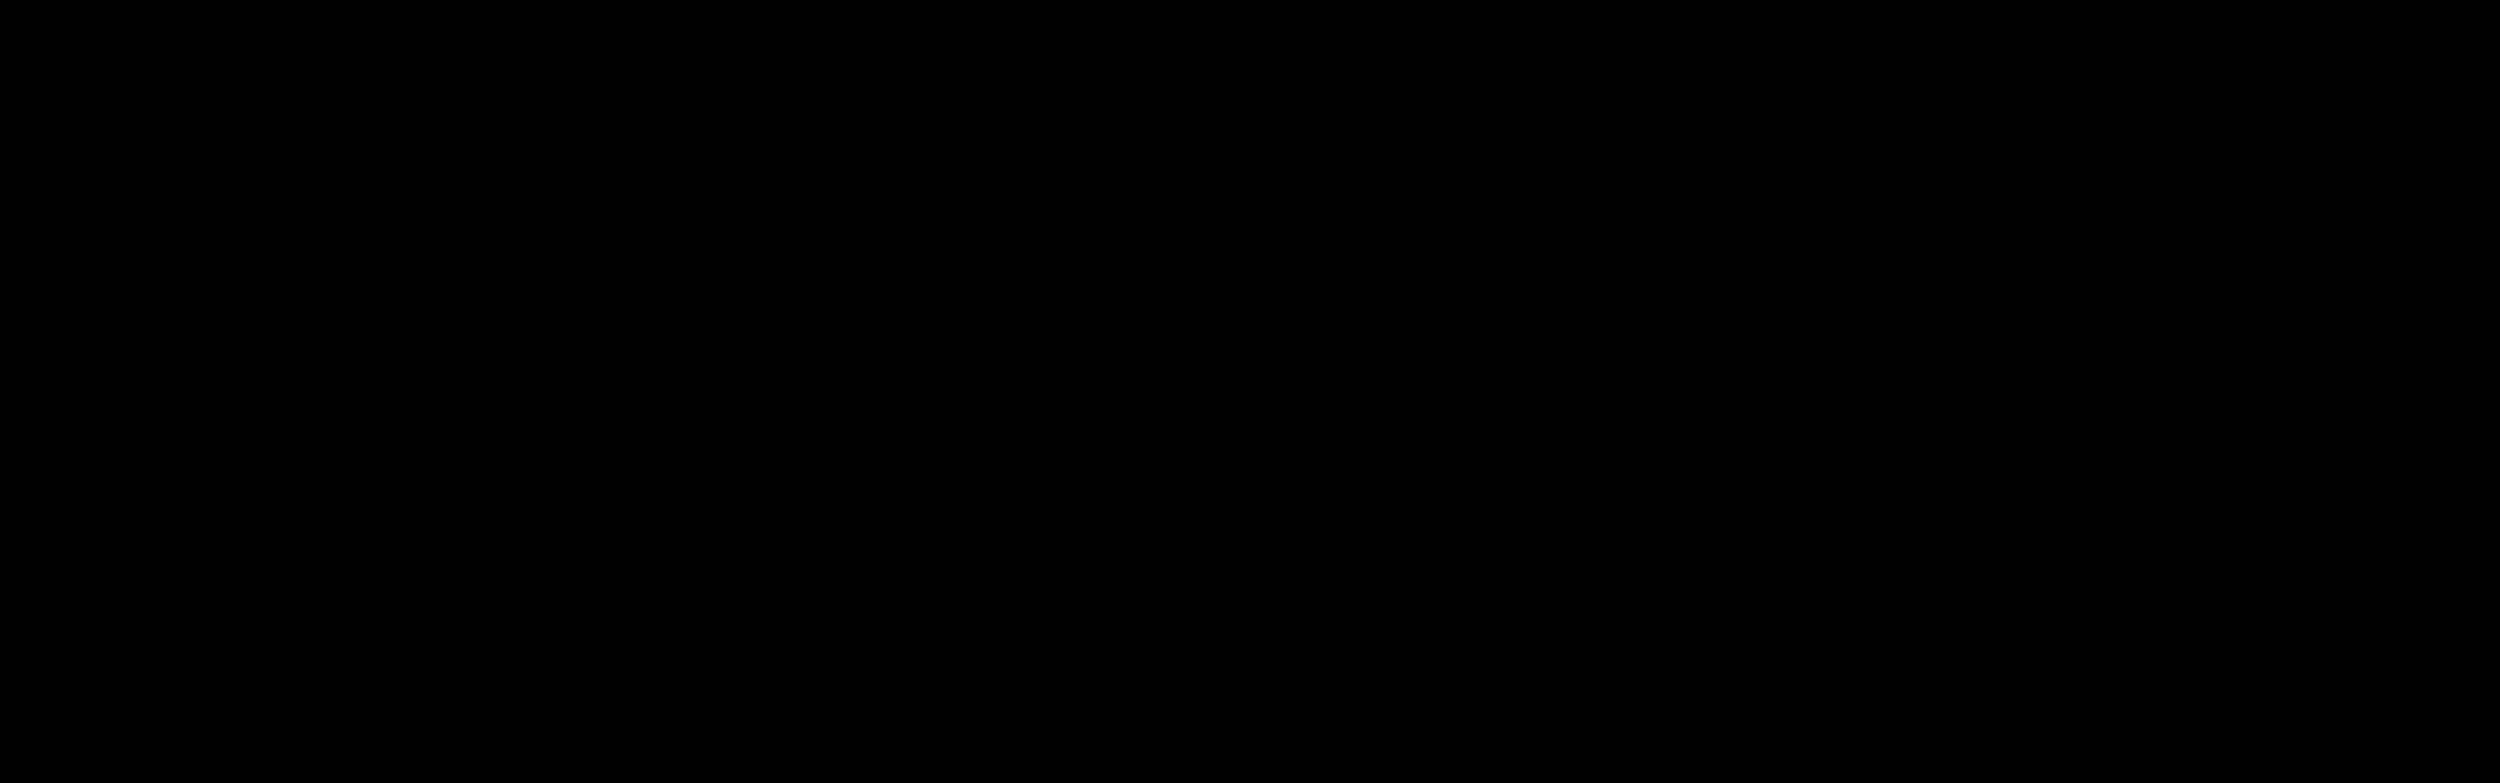 Palmers Quarter Horses-logo.png